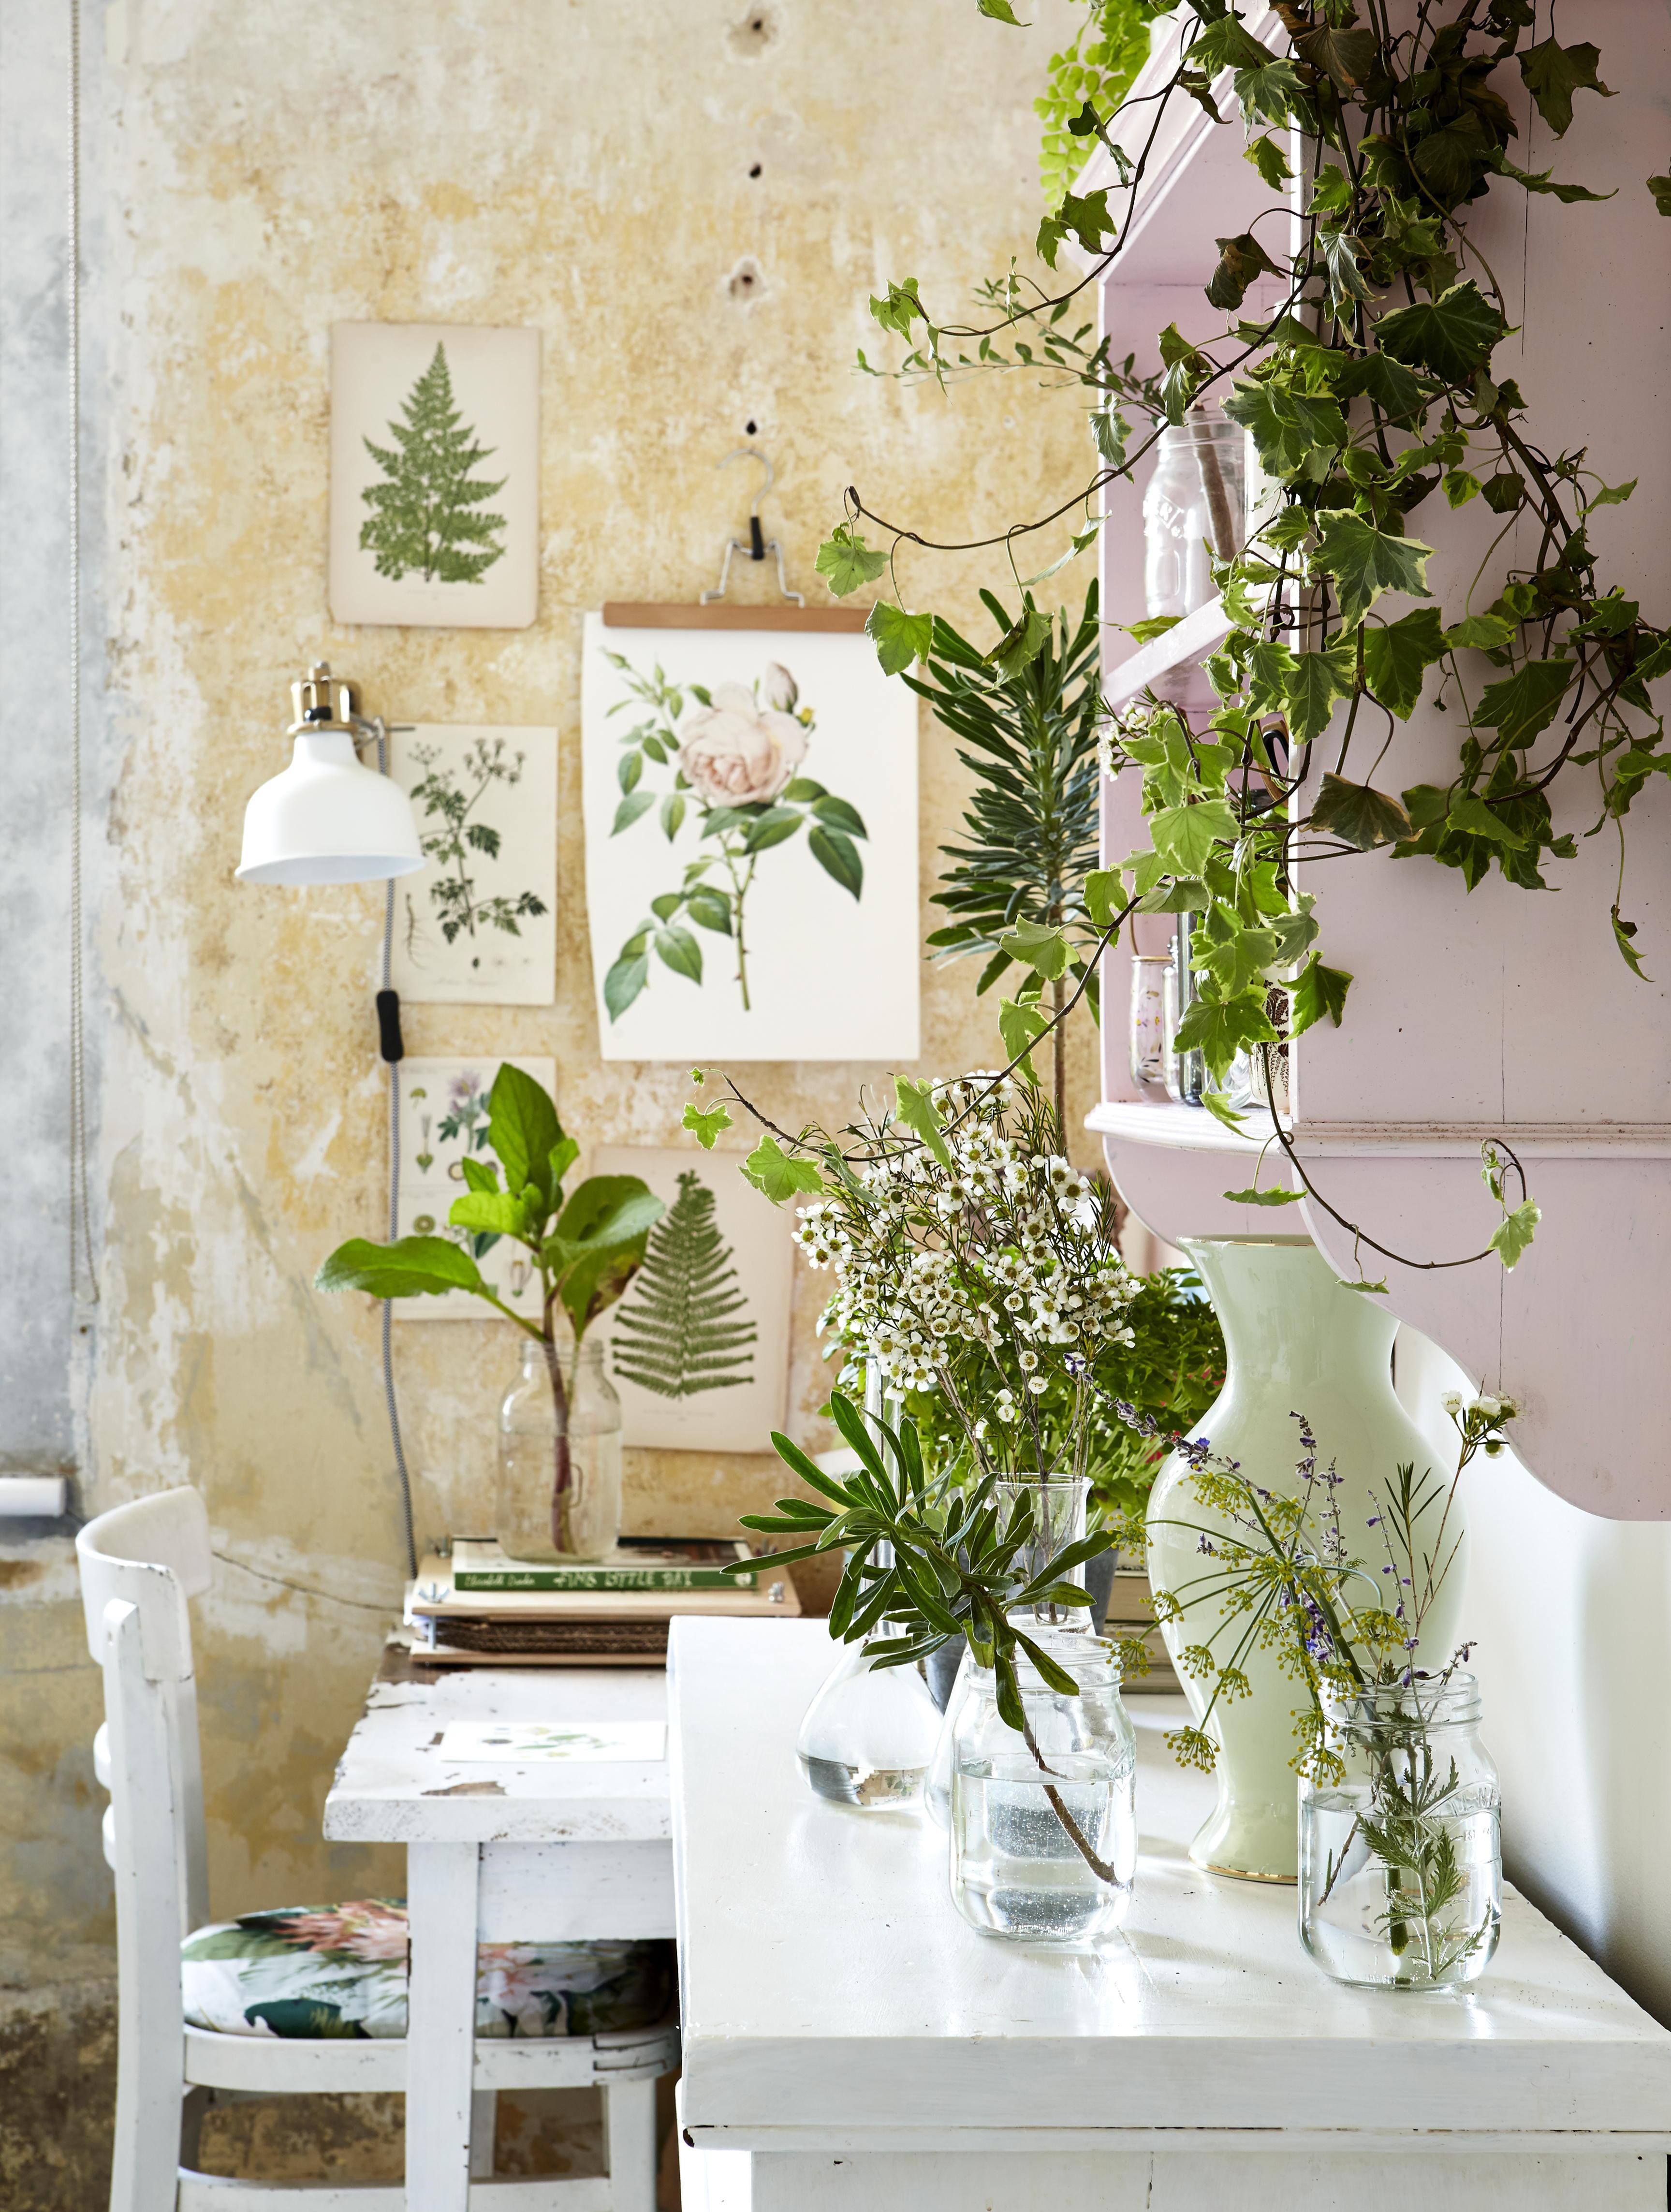 Le style botanique ma plante mon bonheur - Stijl ligstoelen anciennes ...